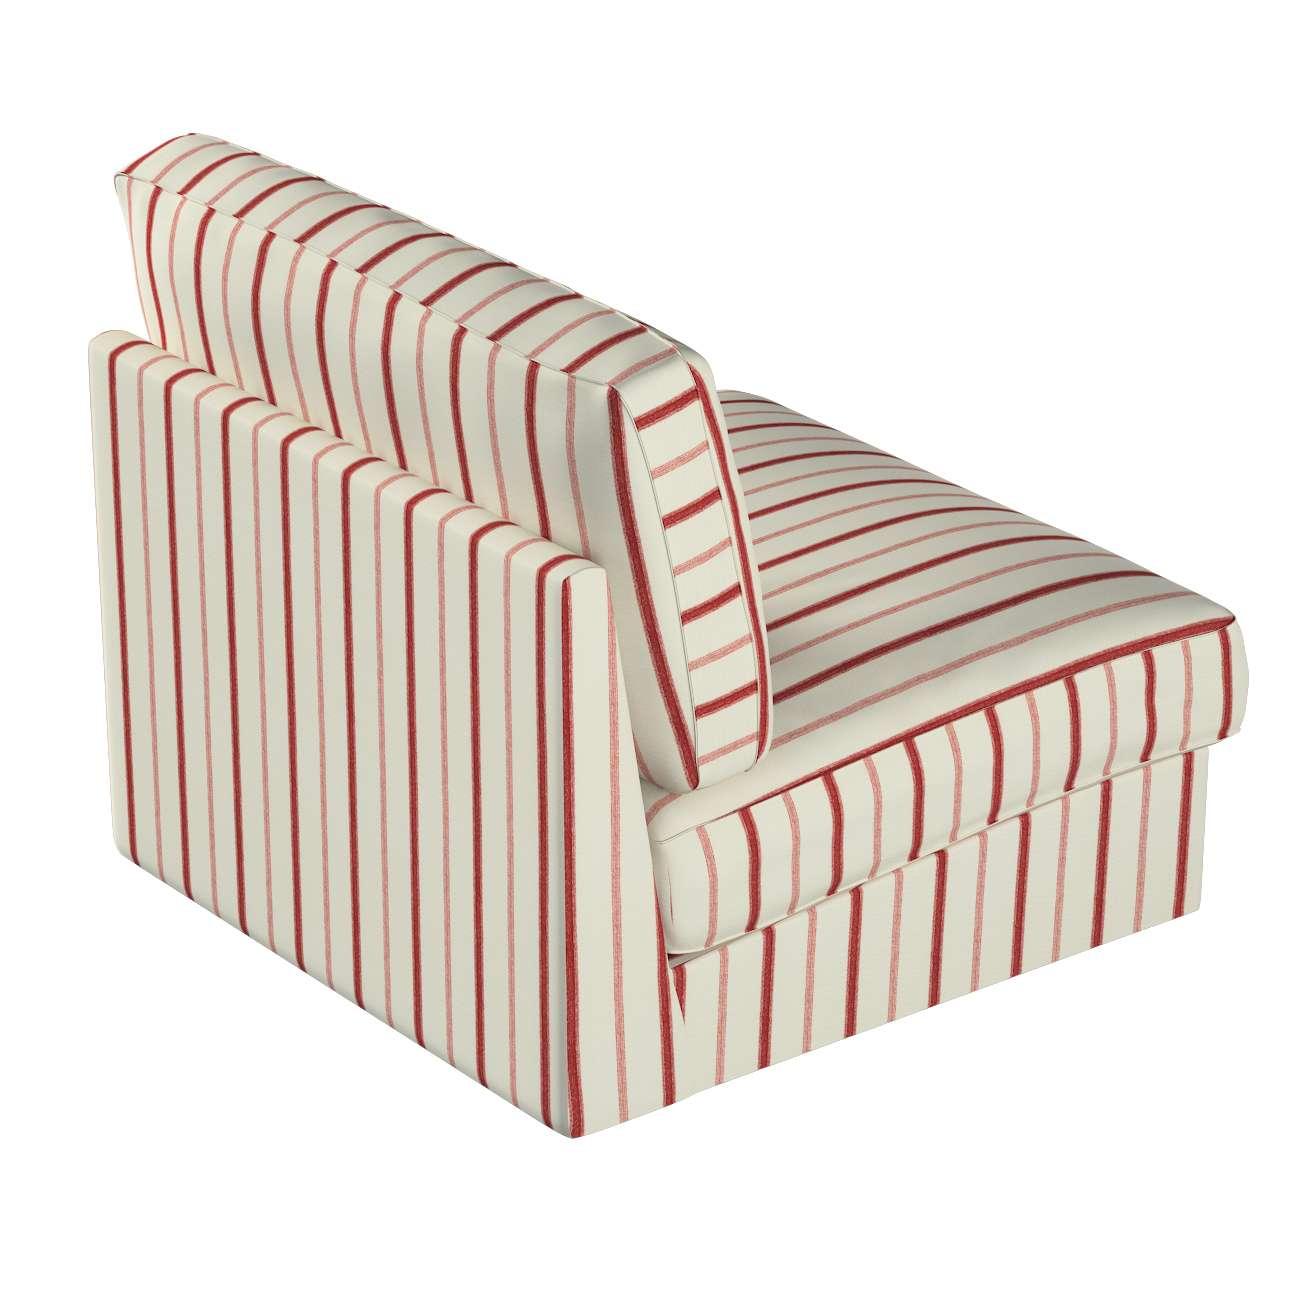 KIVIK fotelio/vienvietės dalies užvalkalas kolekcijoje Avinon, audinys: 129-15